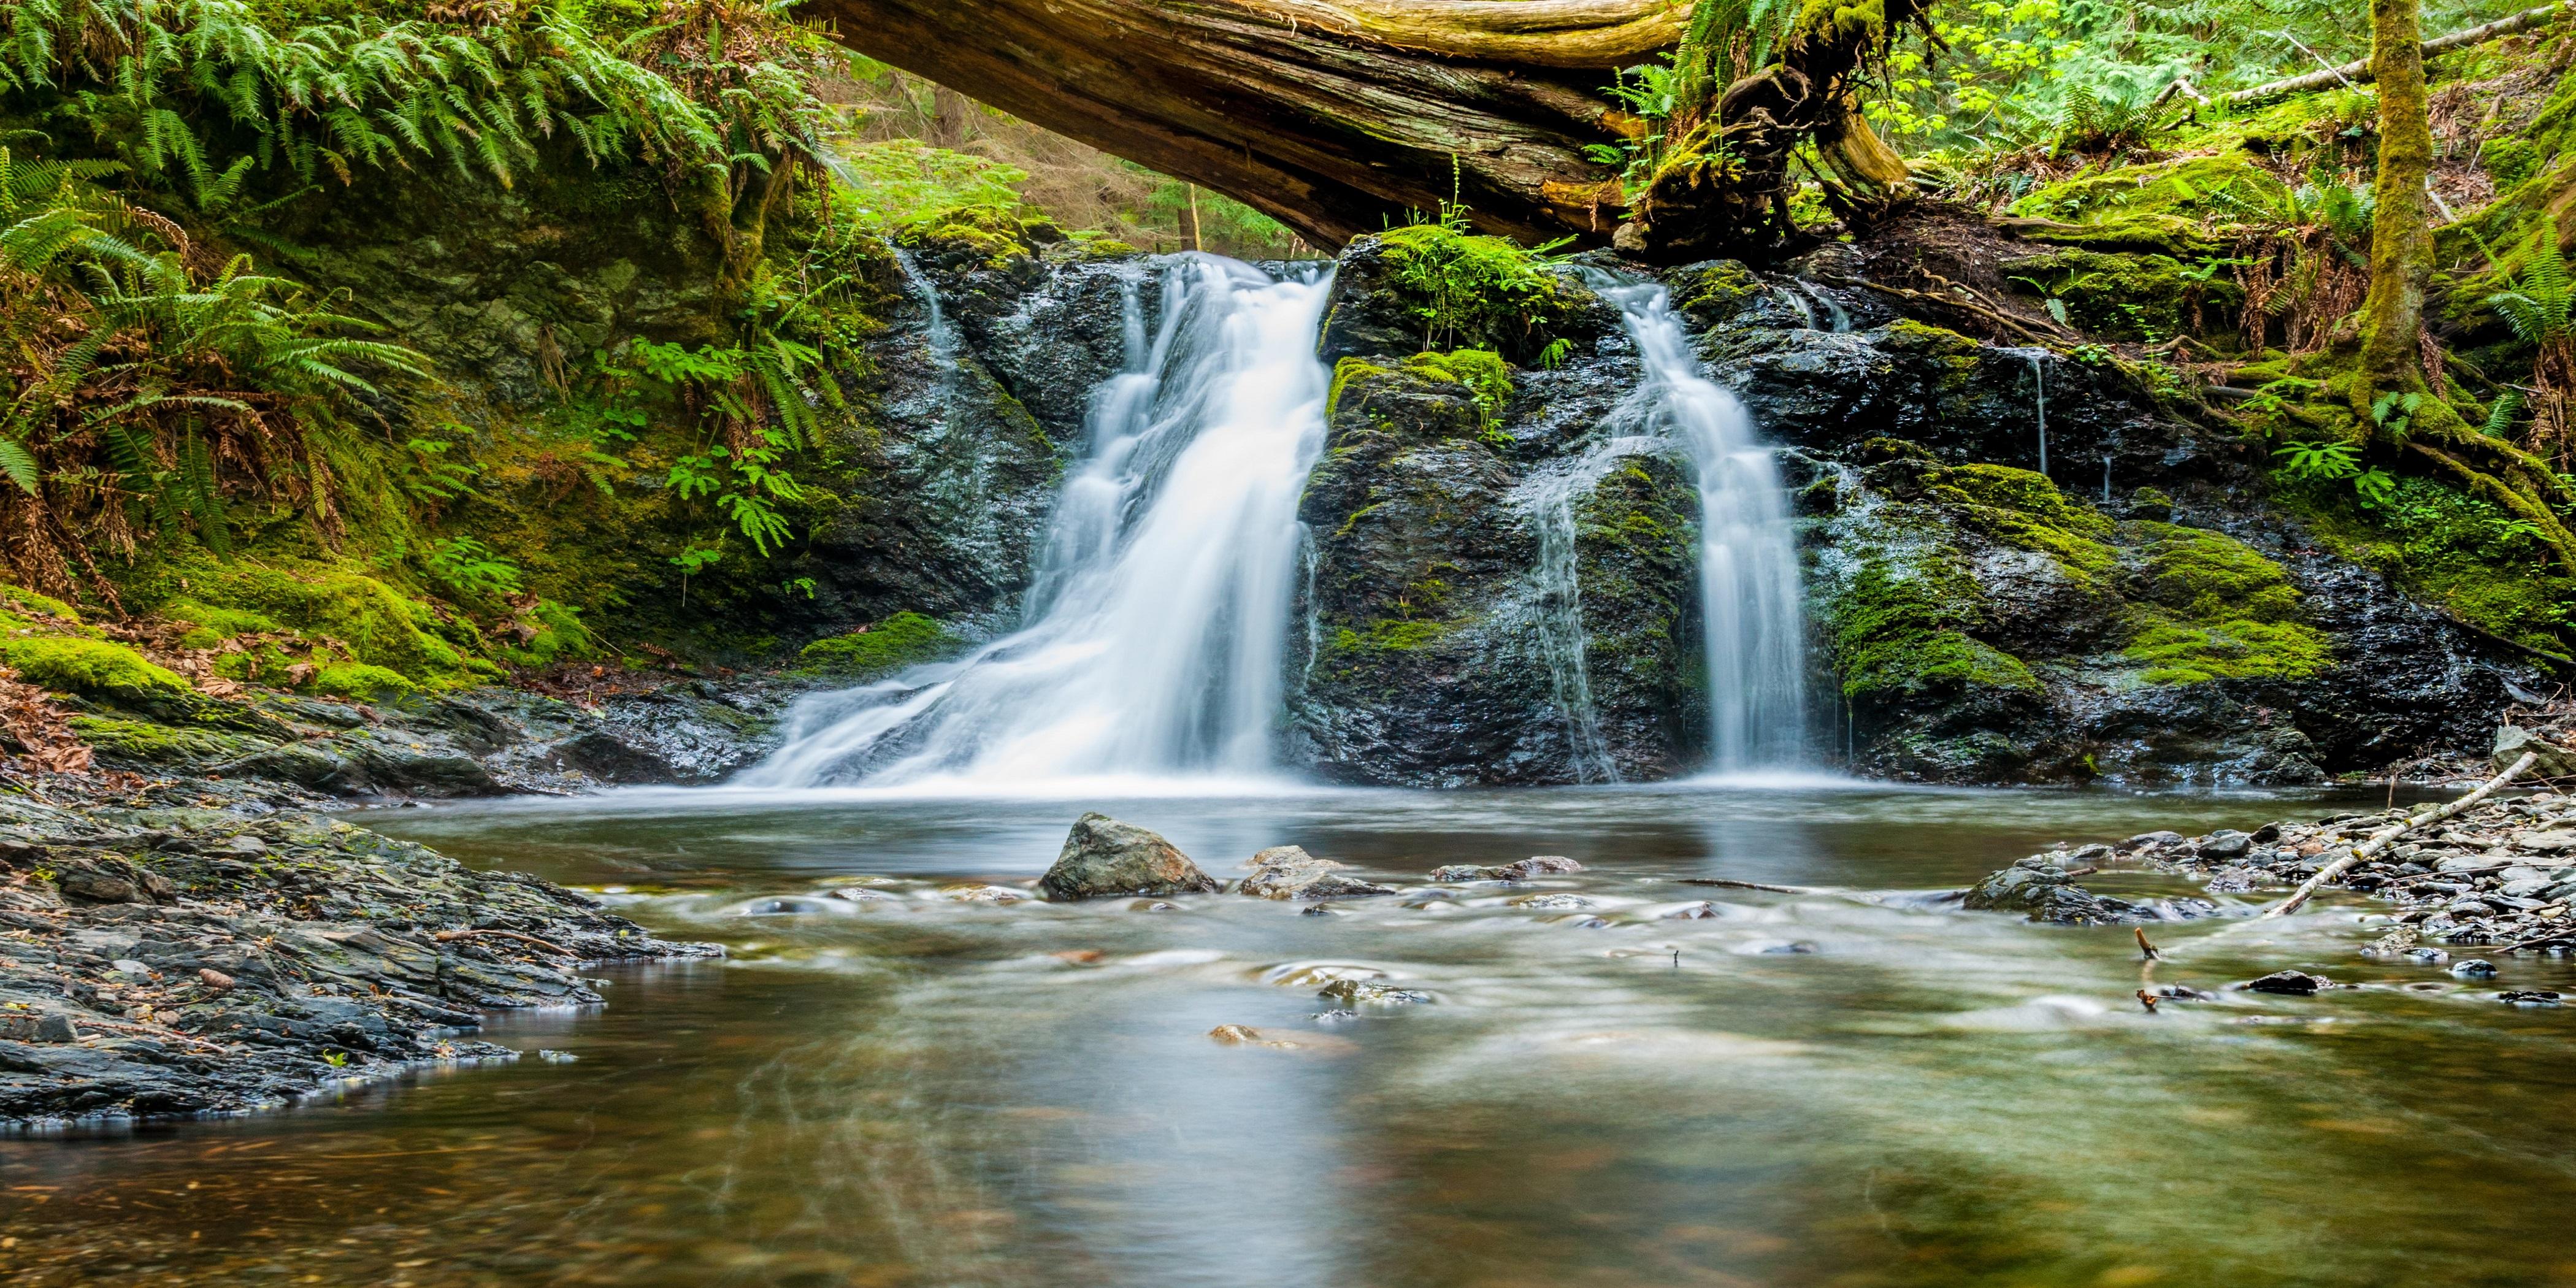 Natur und Gesundheit – Auf dem Weg zur Quelle